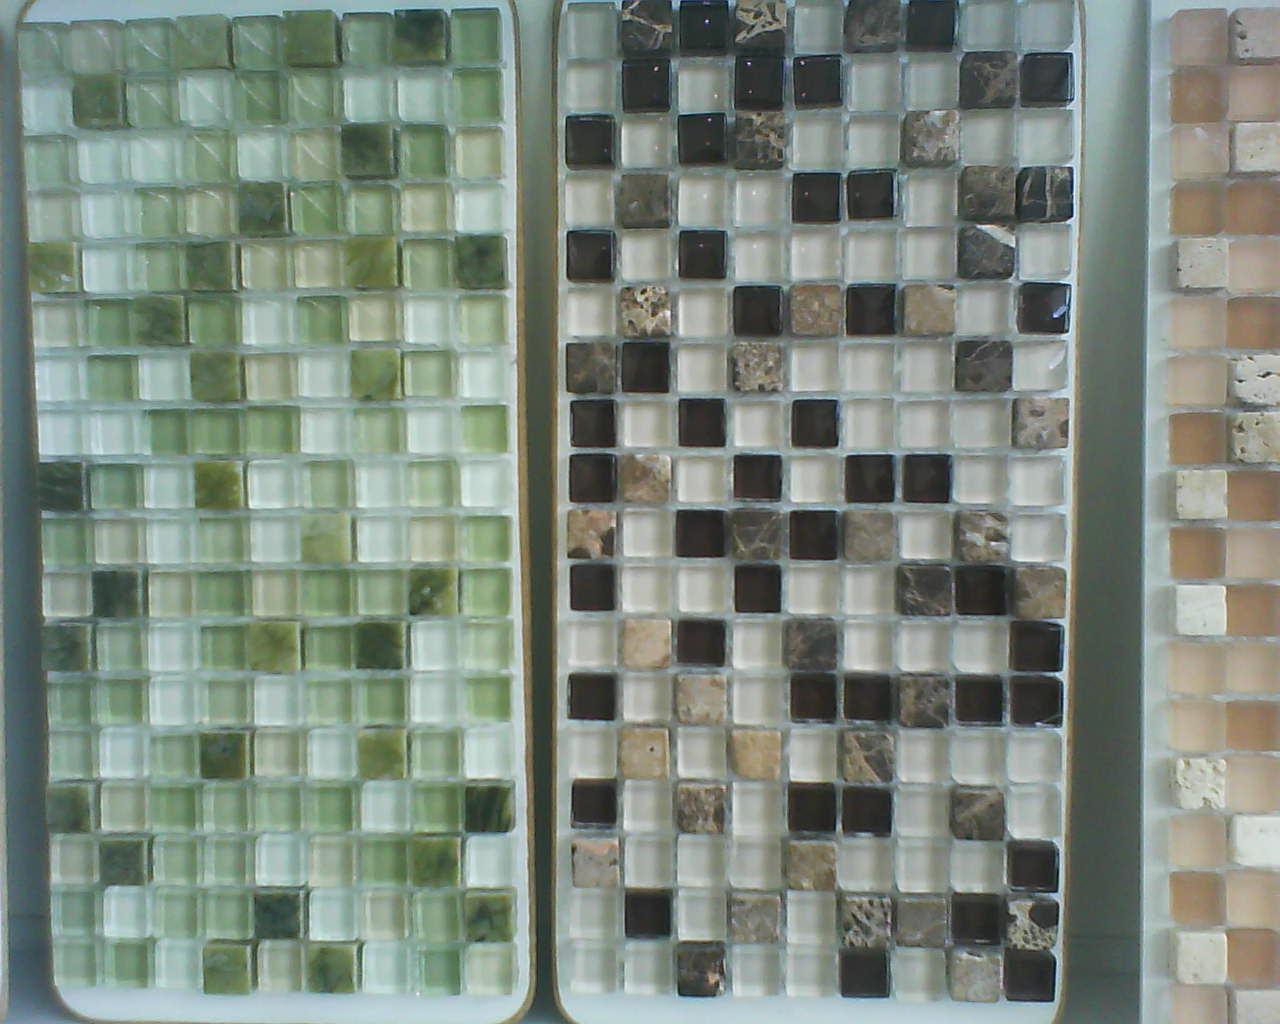 Pastilhas de vidro sortidas para o banheiro da suite/social #756956 1280x1024 Banheiro Com Acabamento Com Pastilhas